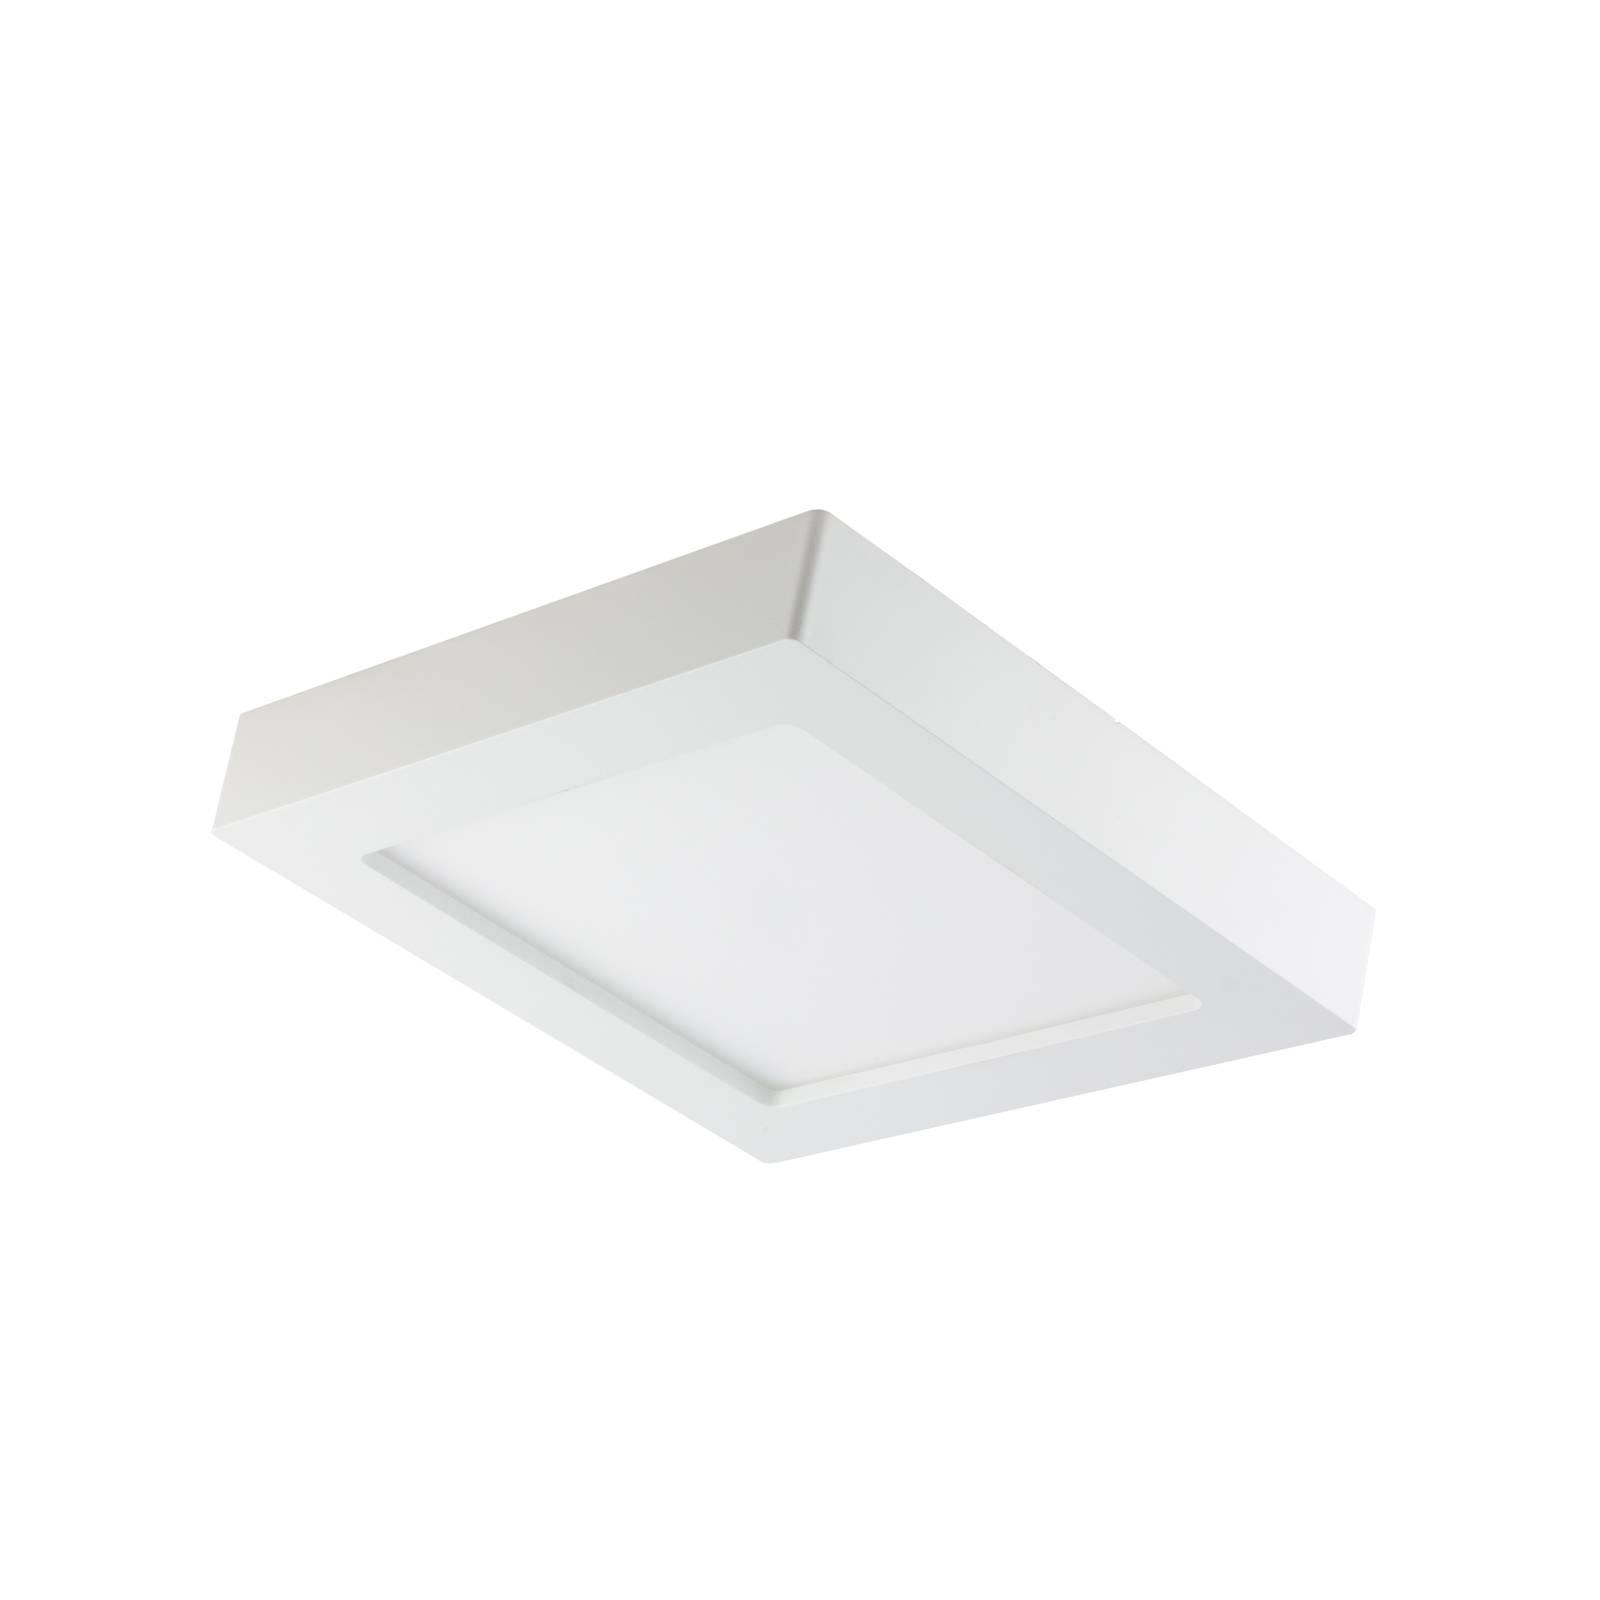 Prios Alette -LED-kattovalo valkoinen 22,7 cm 18W